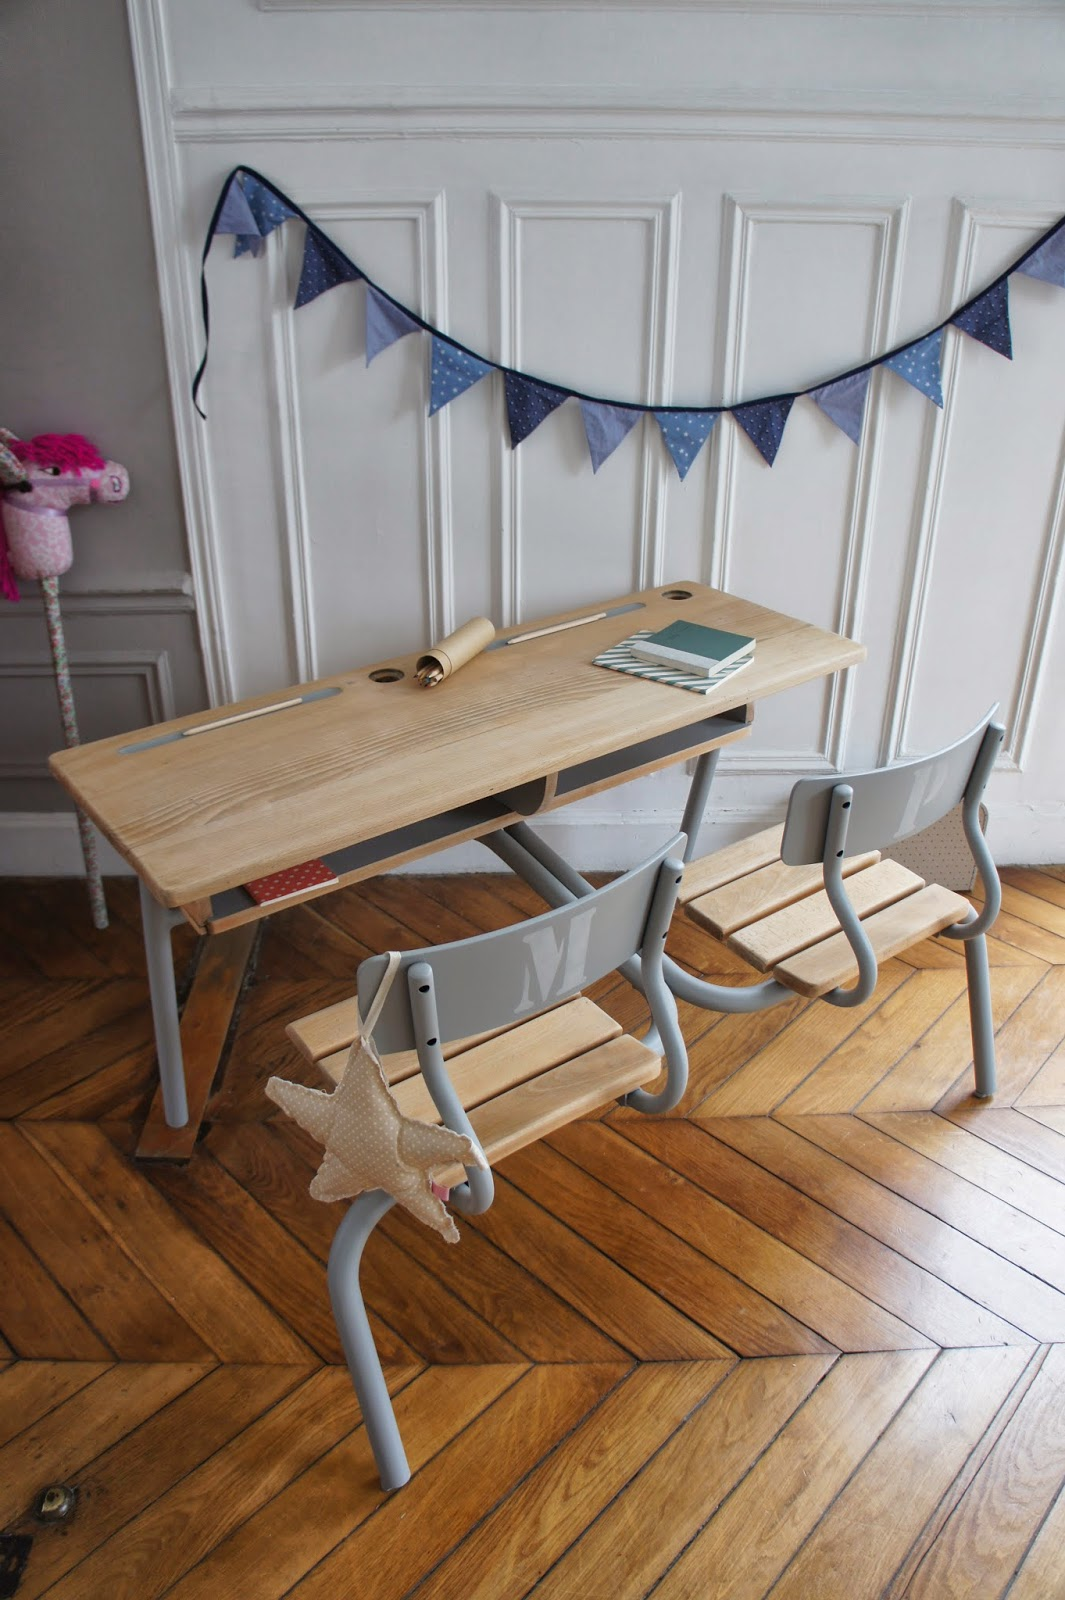 atelier petit toit pupitre revisit sur commande f v 2013. Black Bedroom Furniture Sets. Home Design Ideas